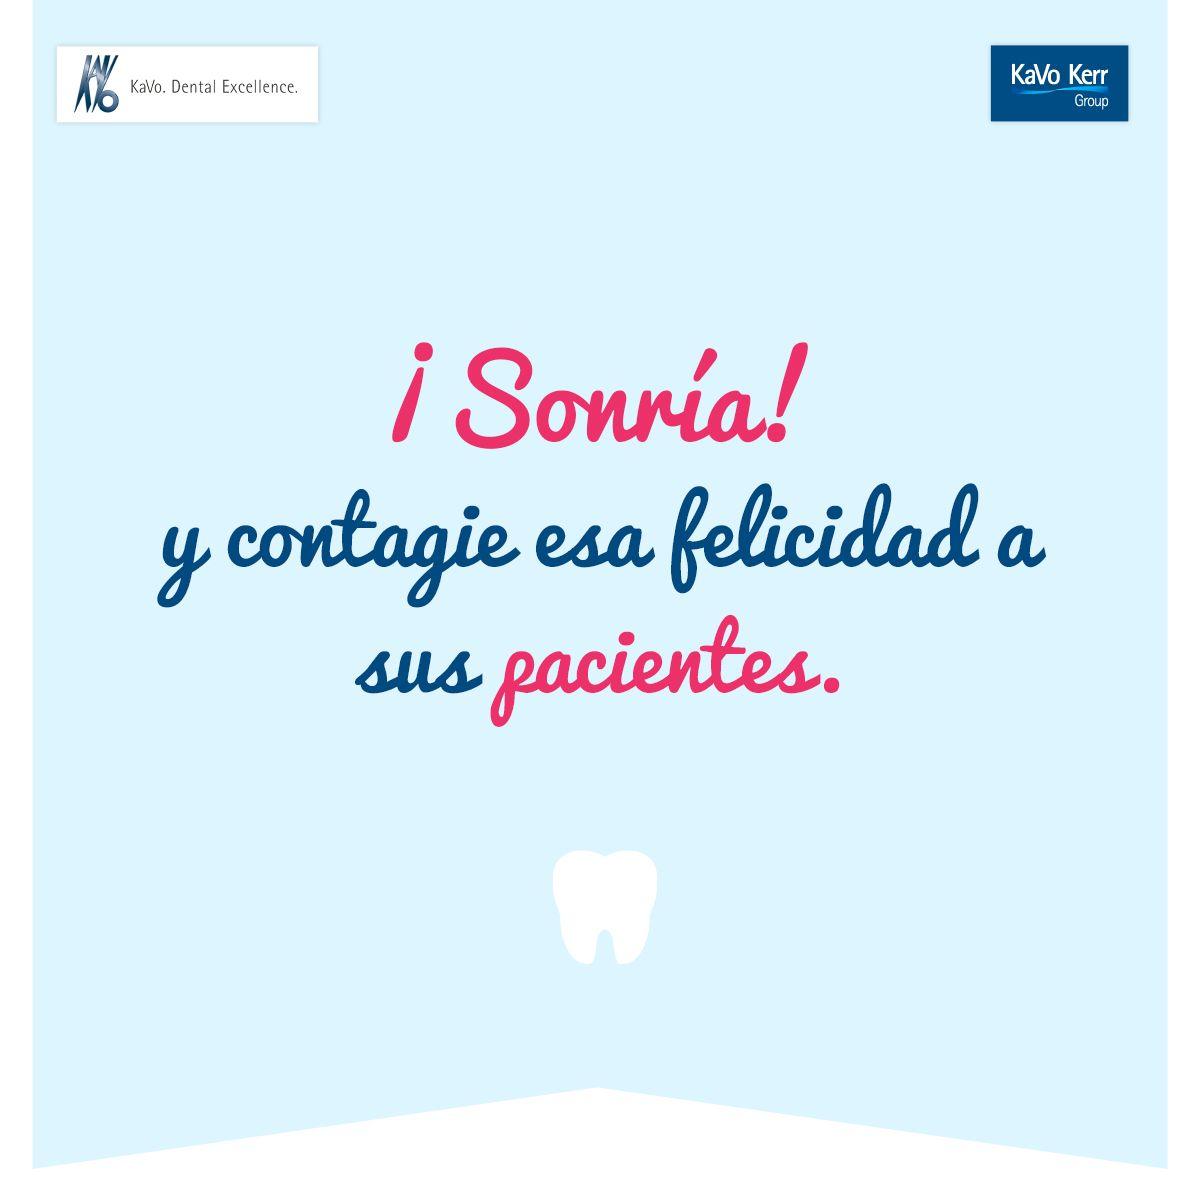 Odontología Odontólogos Odontología Dentistas Y Dental